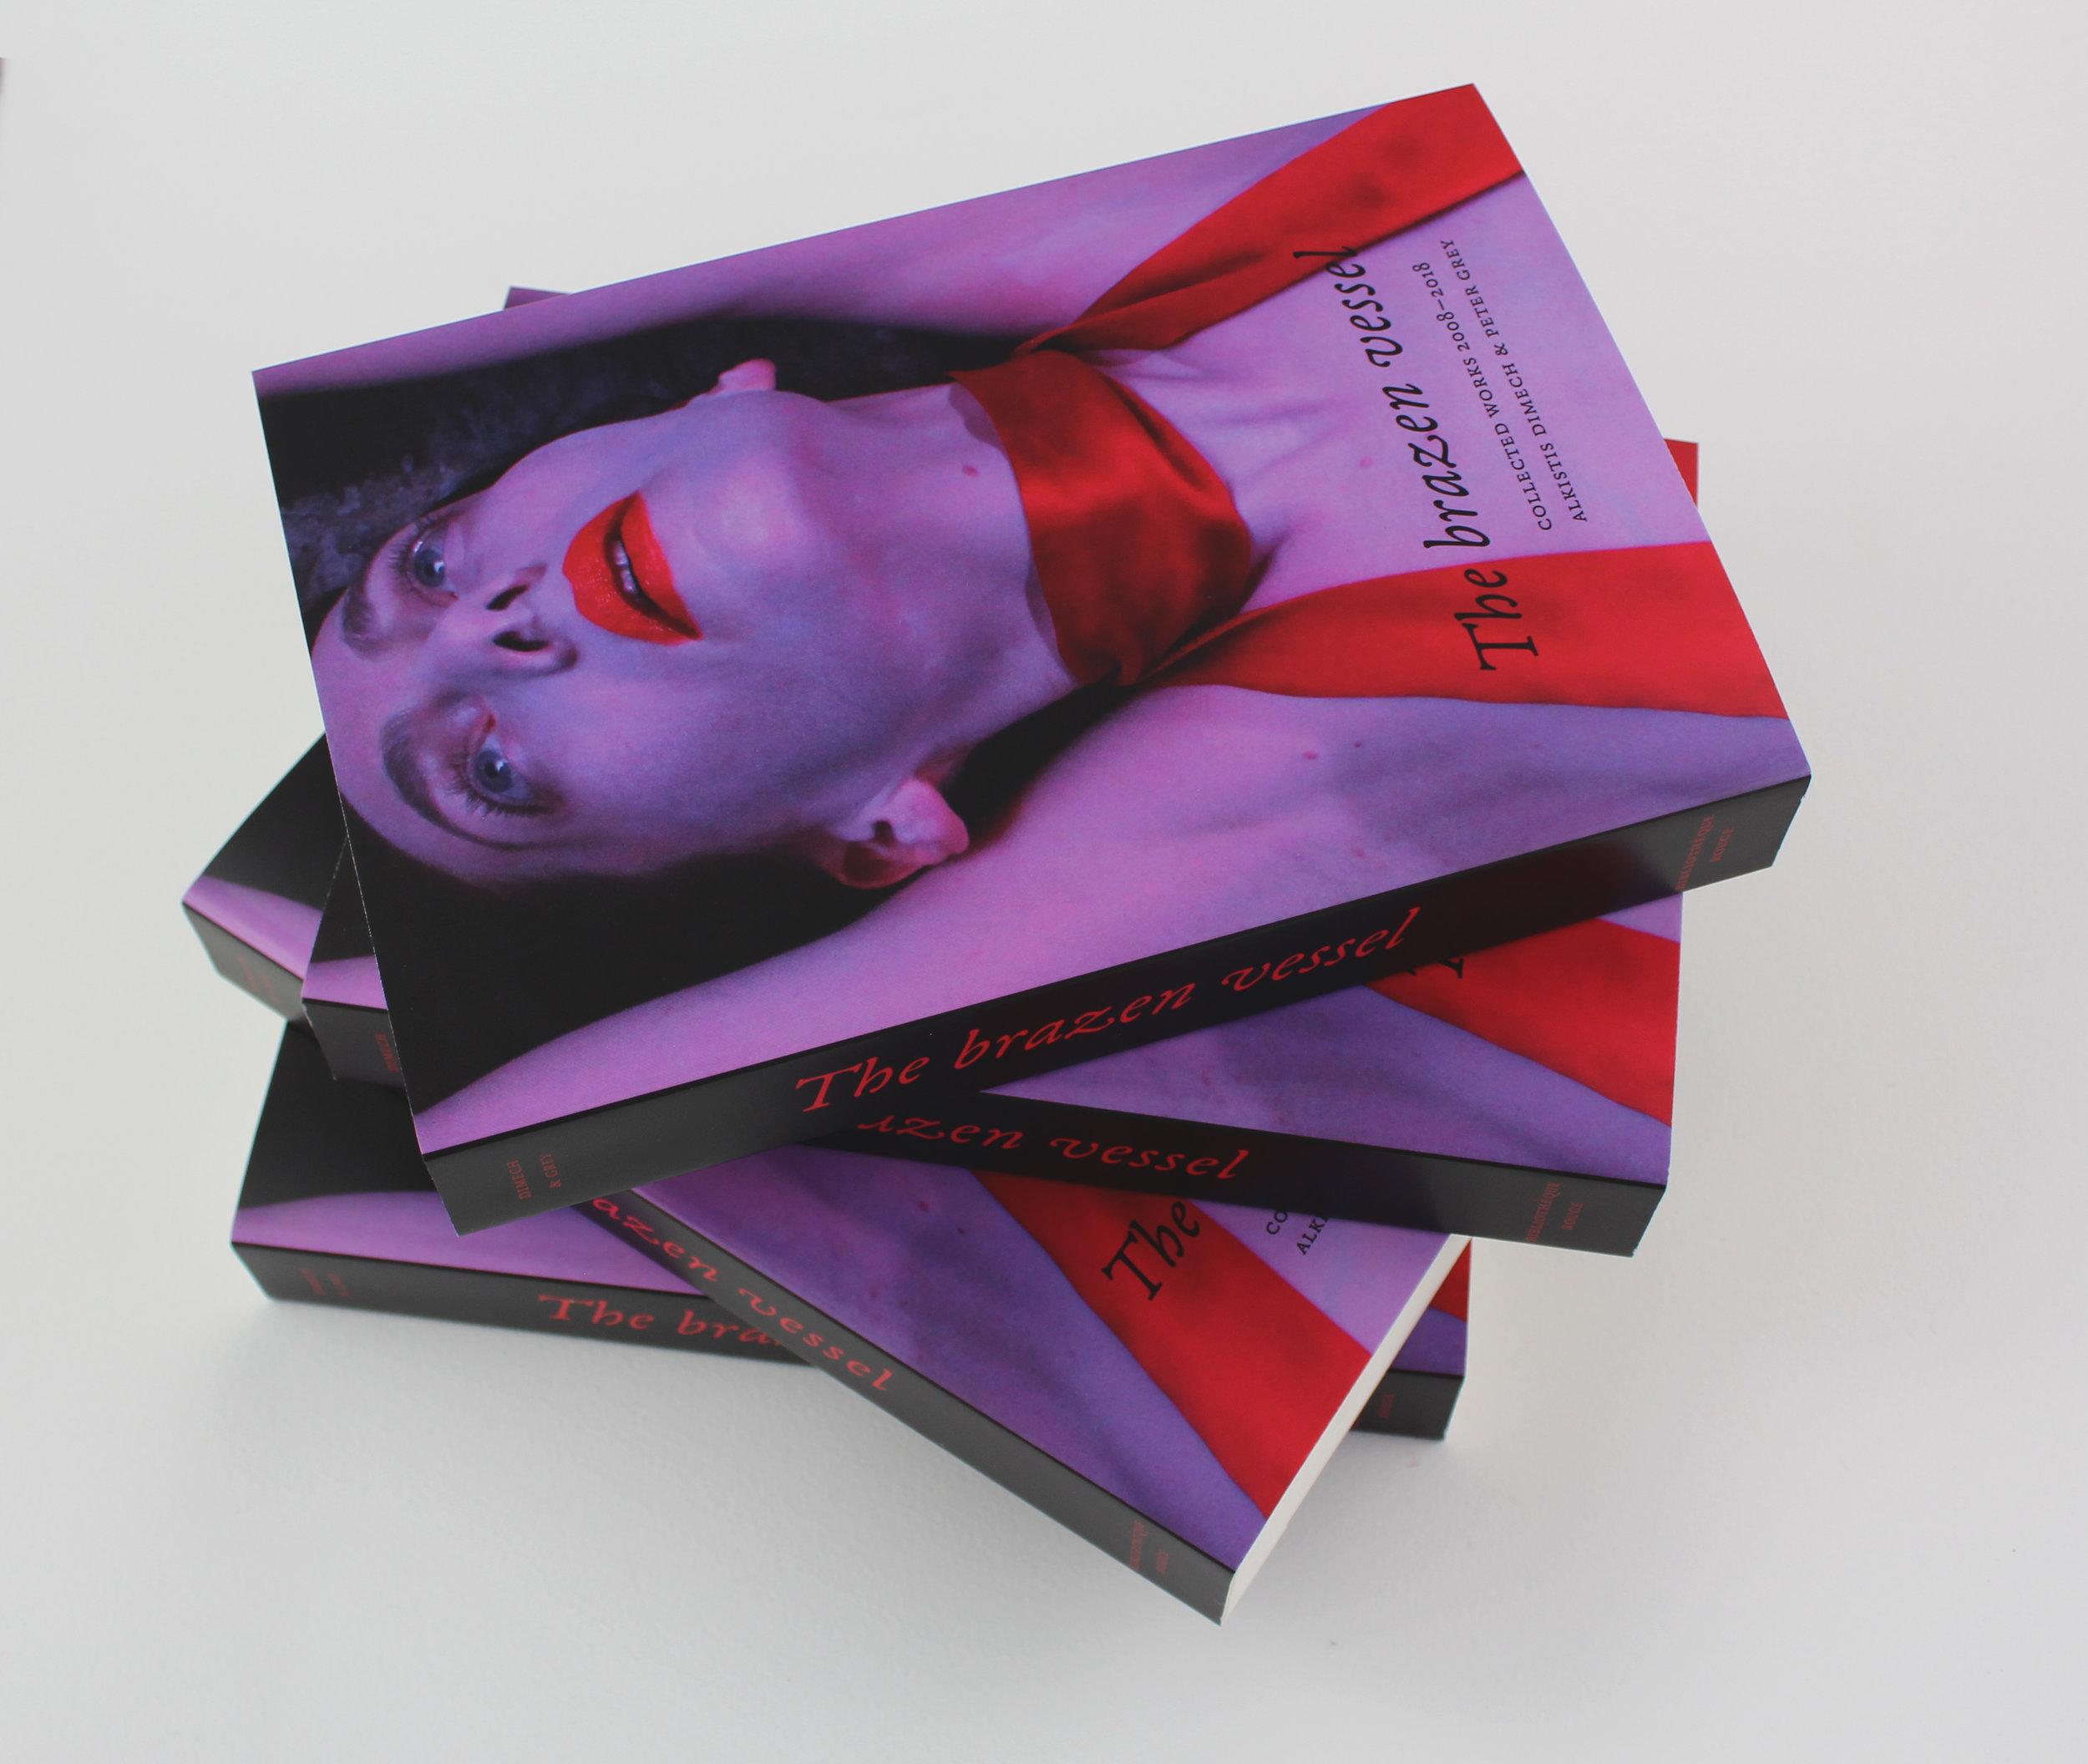 Bibliothèque rouge paperback edition